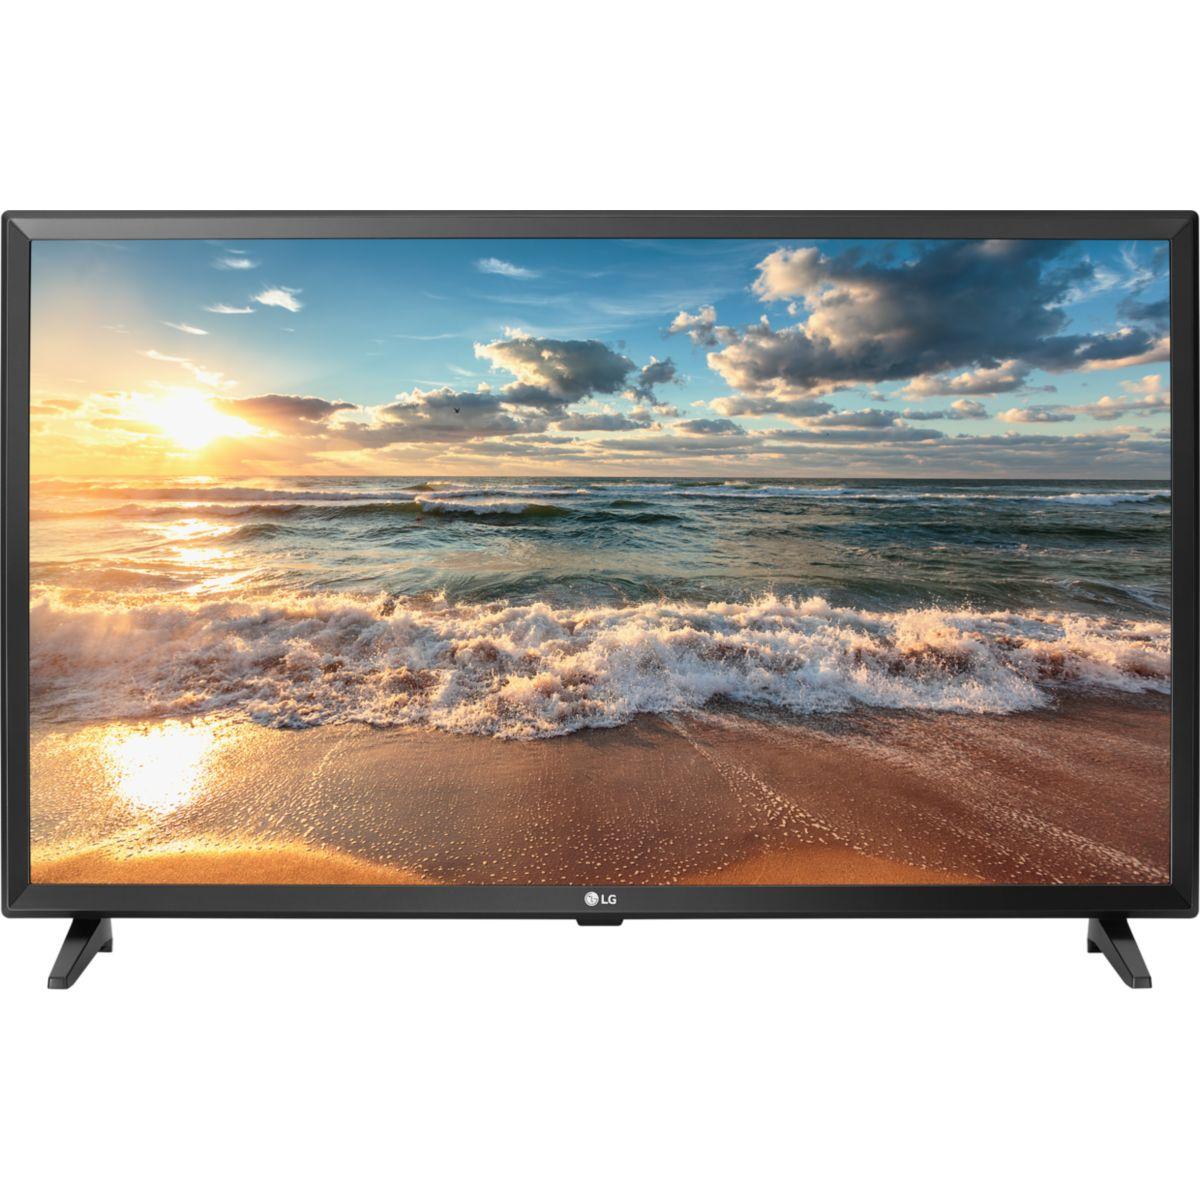 TV LG 32LJ610V